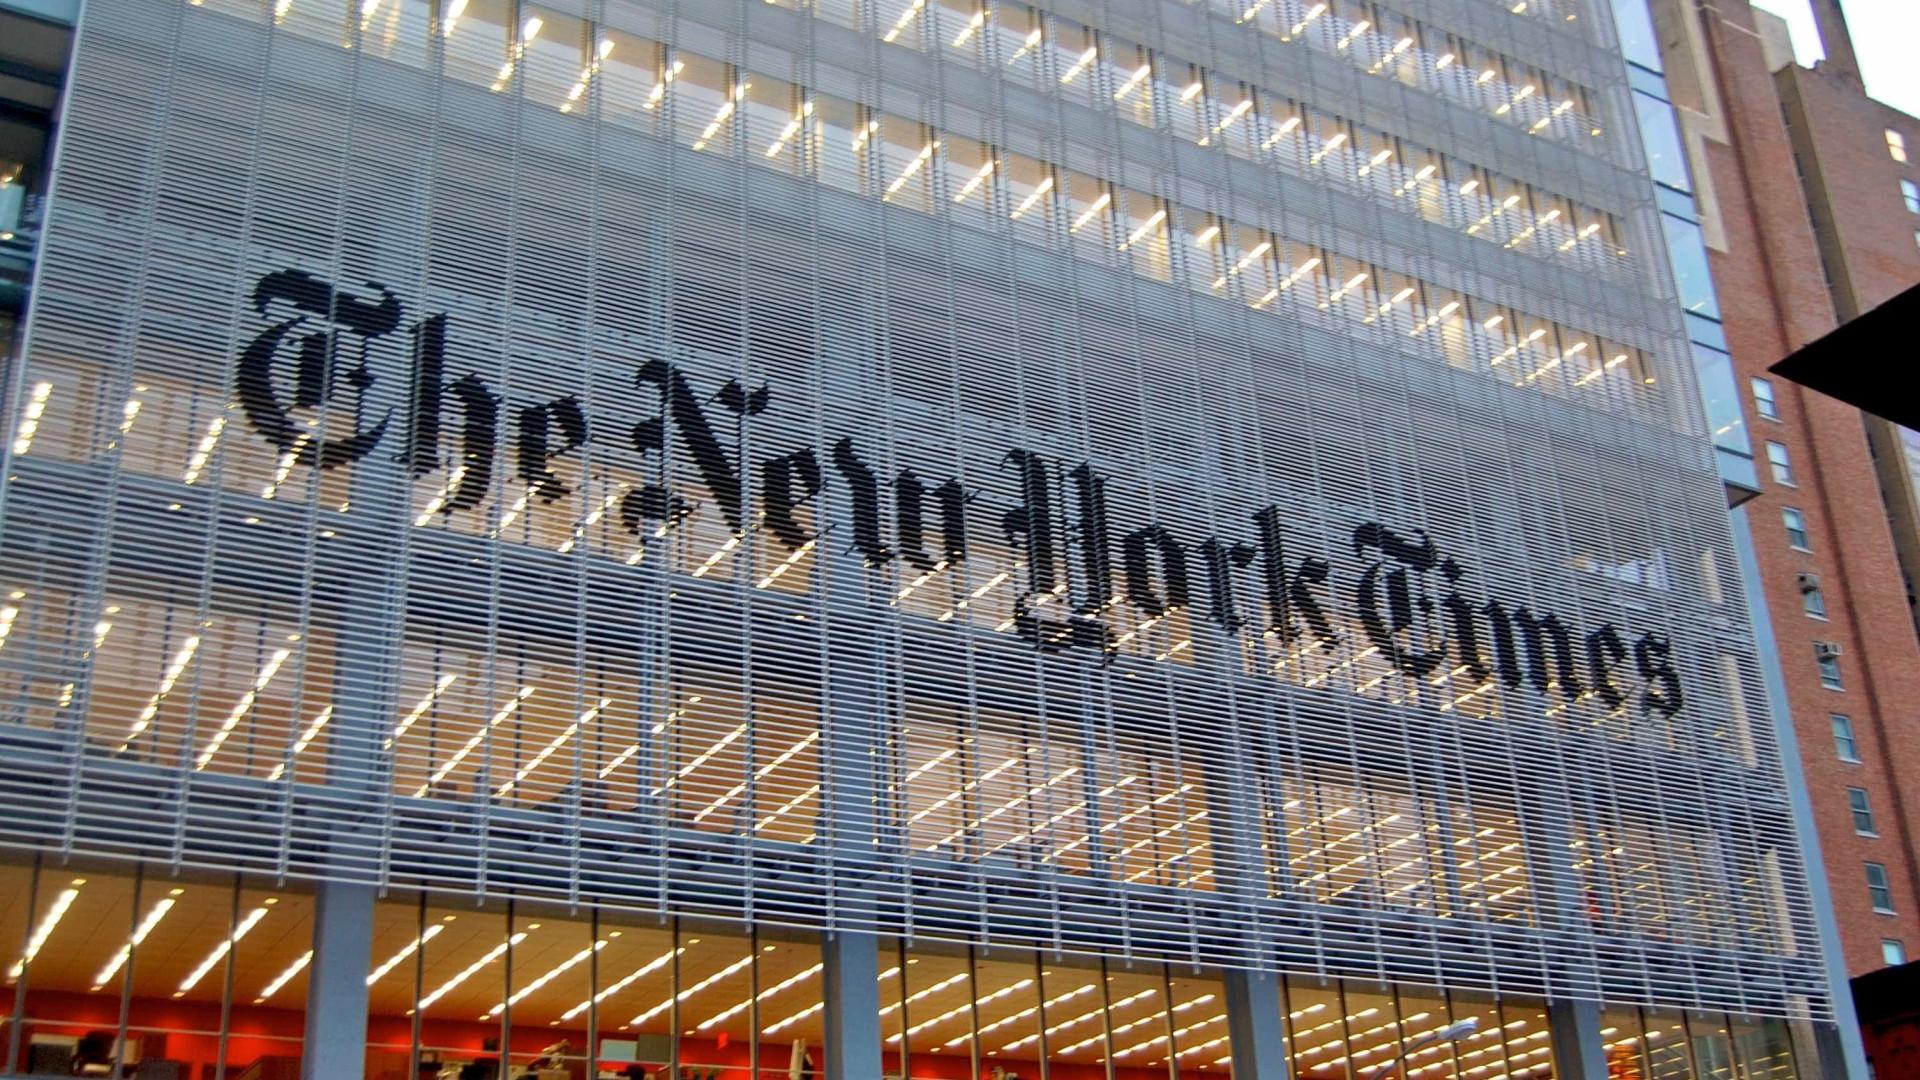 Entidade de defesa da imprensa apoia jornais que criticaram Trump